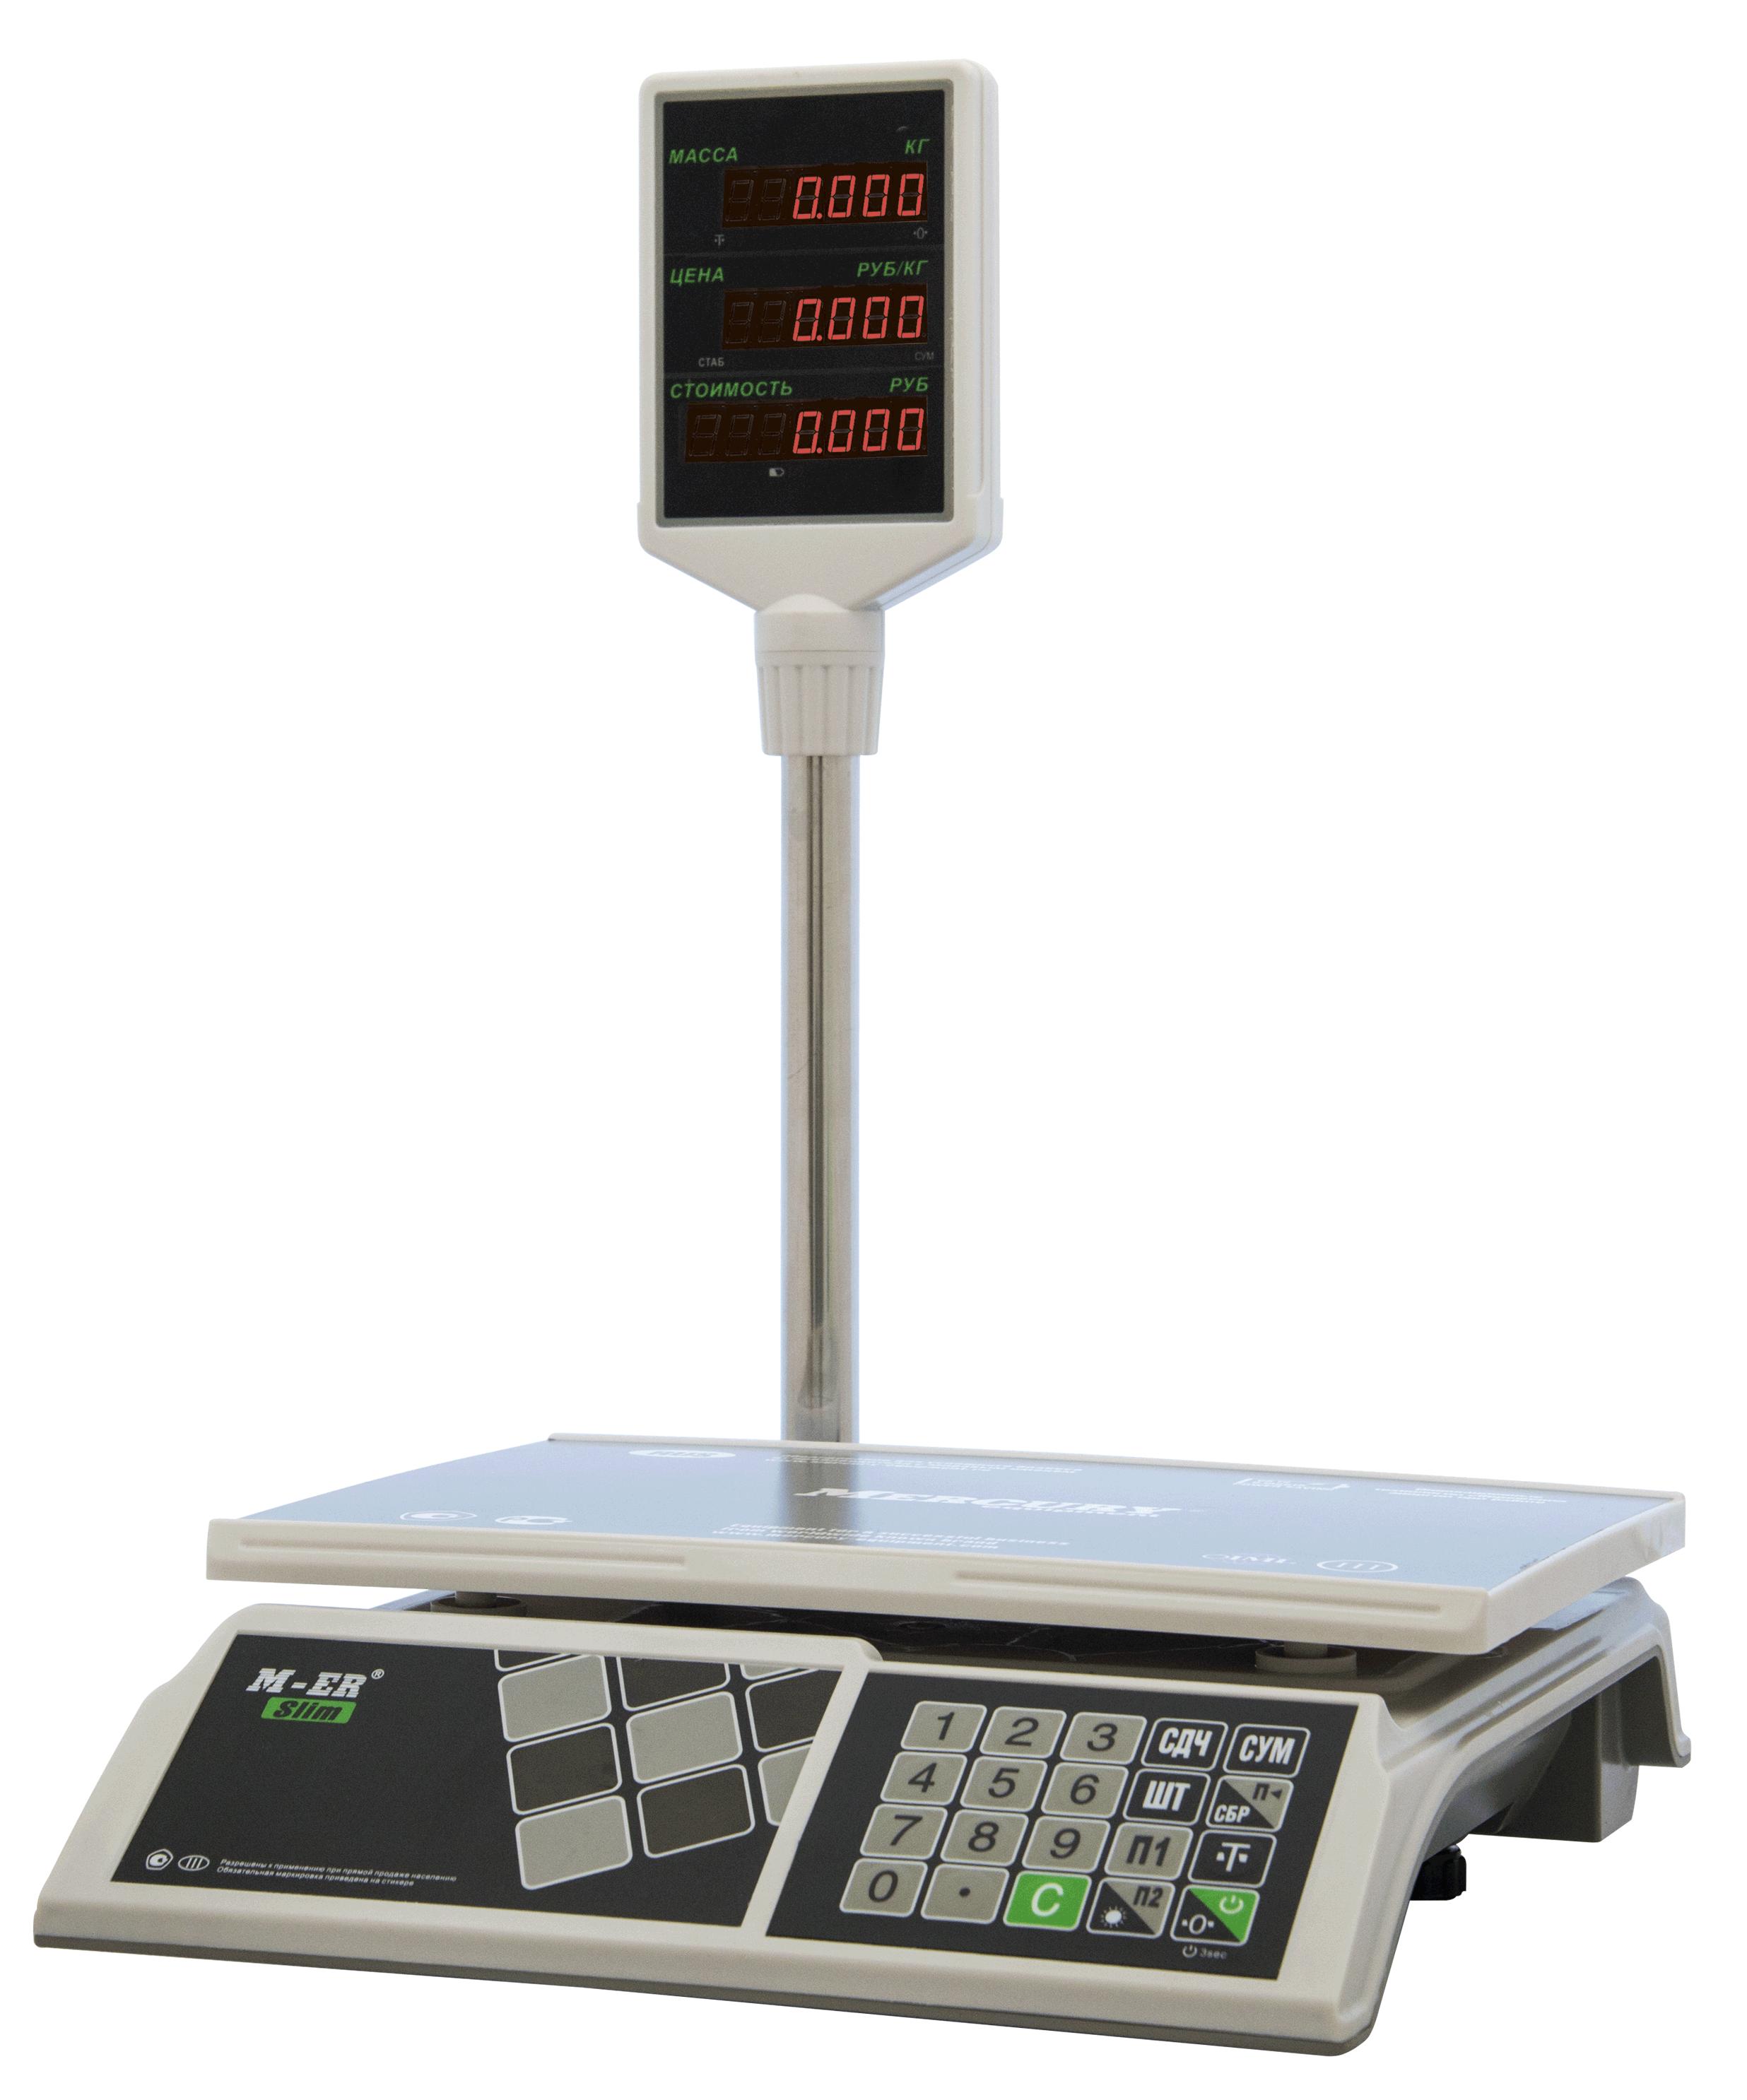 Торговые Настольные - M-ER 326ACP LCD/LED